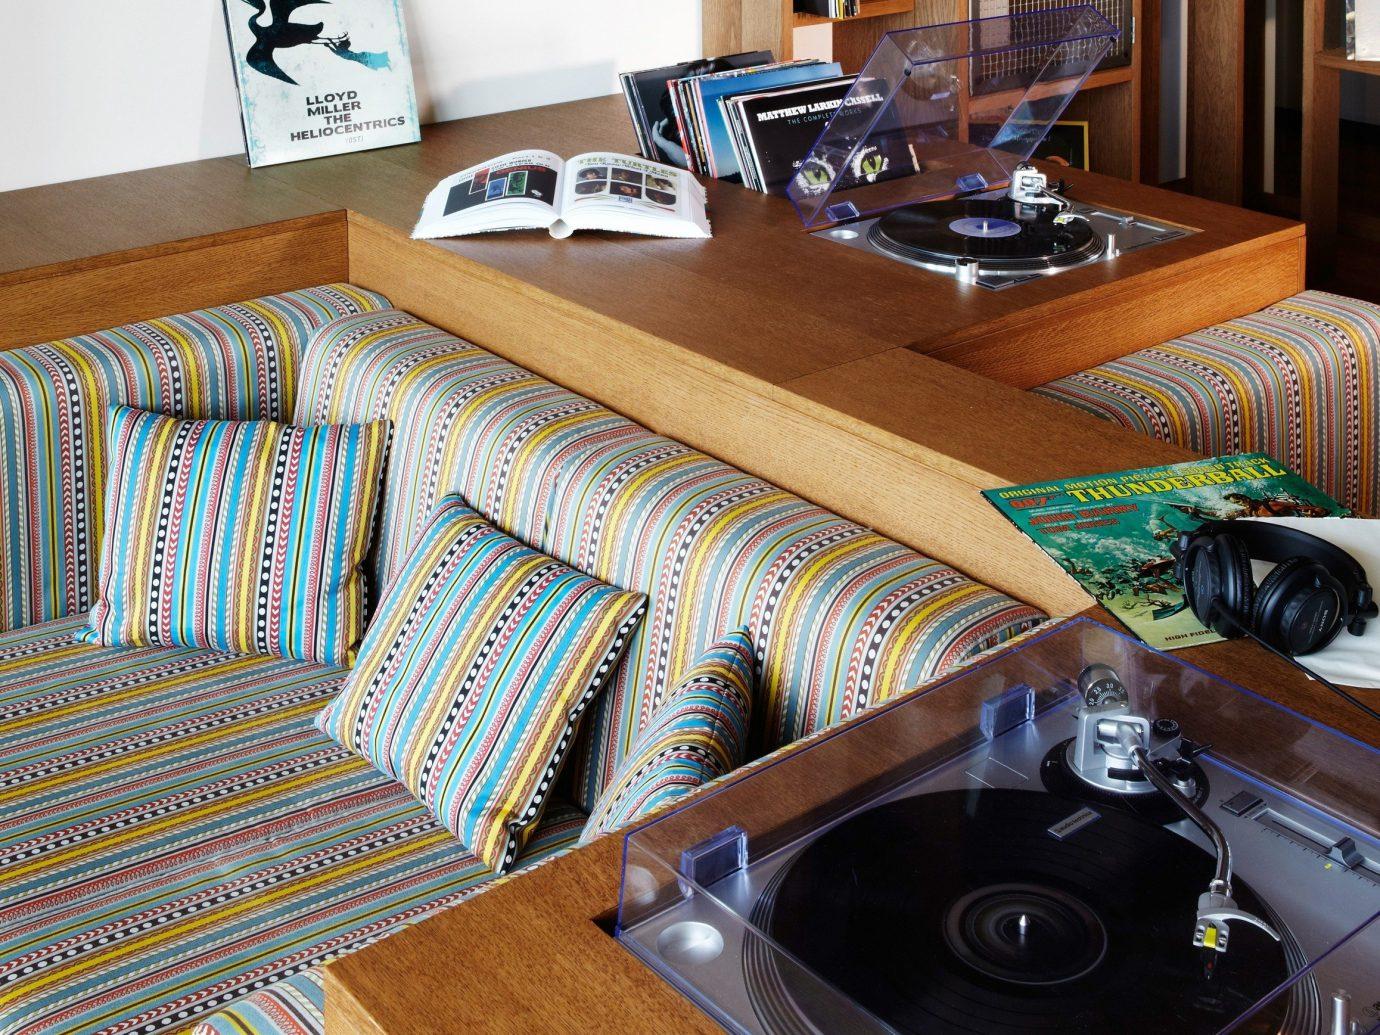 Hotels indoor room countertop floor hardwood home living room flooring interior design wood bed sheet table material cluttered